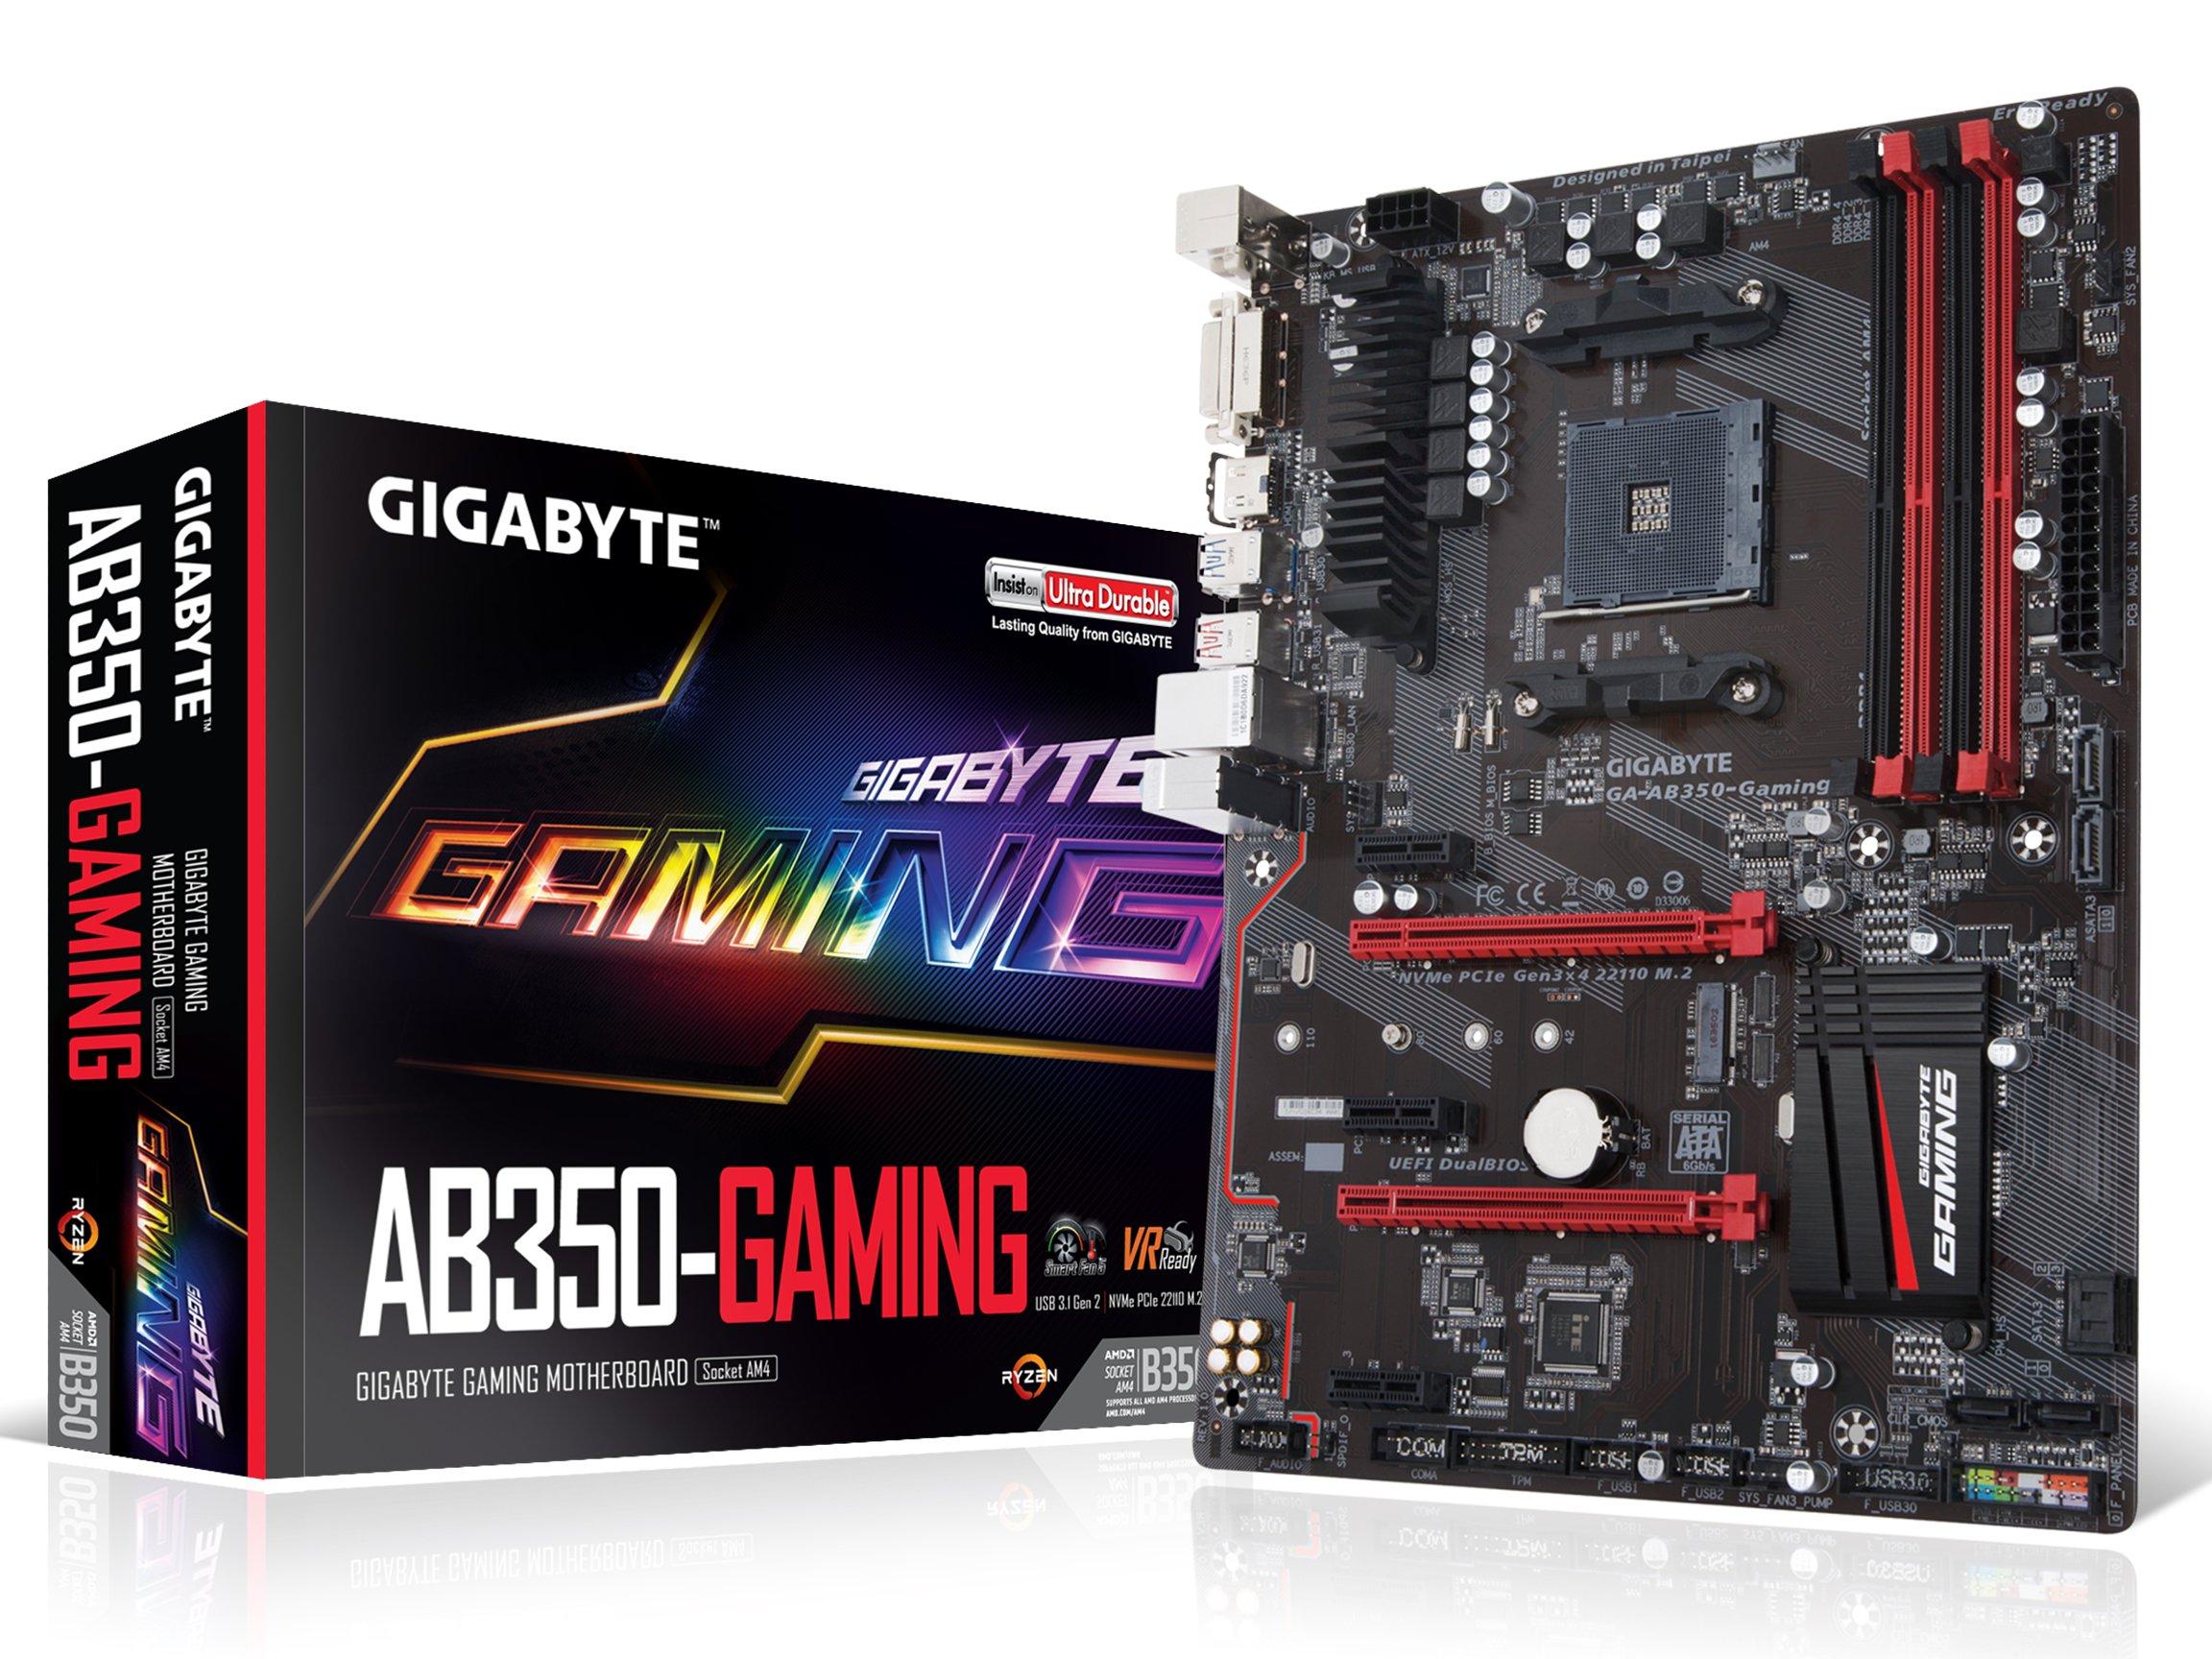 GIGABYTE GA-AB350-Gaming AMD RYZEN AM4 B350 SMART FAN 5 HDMI M.2 SATA USB 3.1 Type-A ATX DDR4 Motherboard